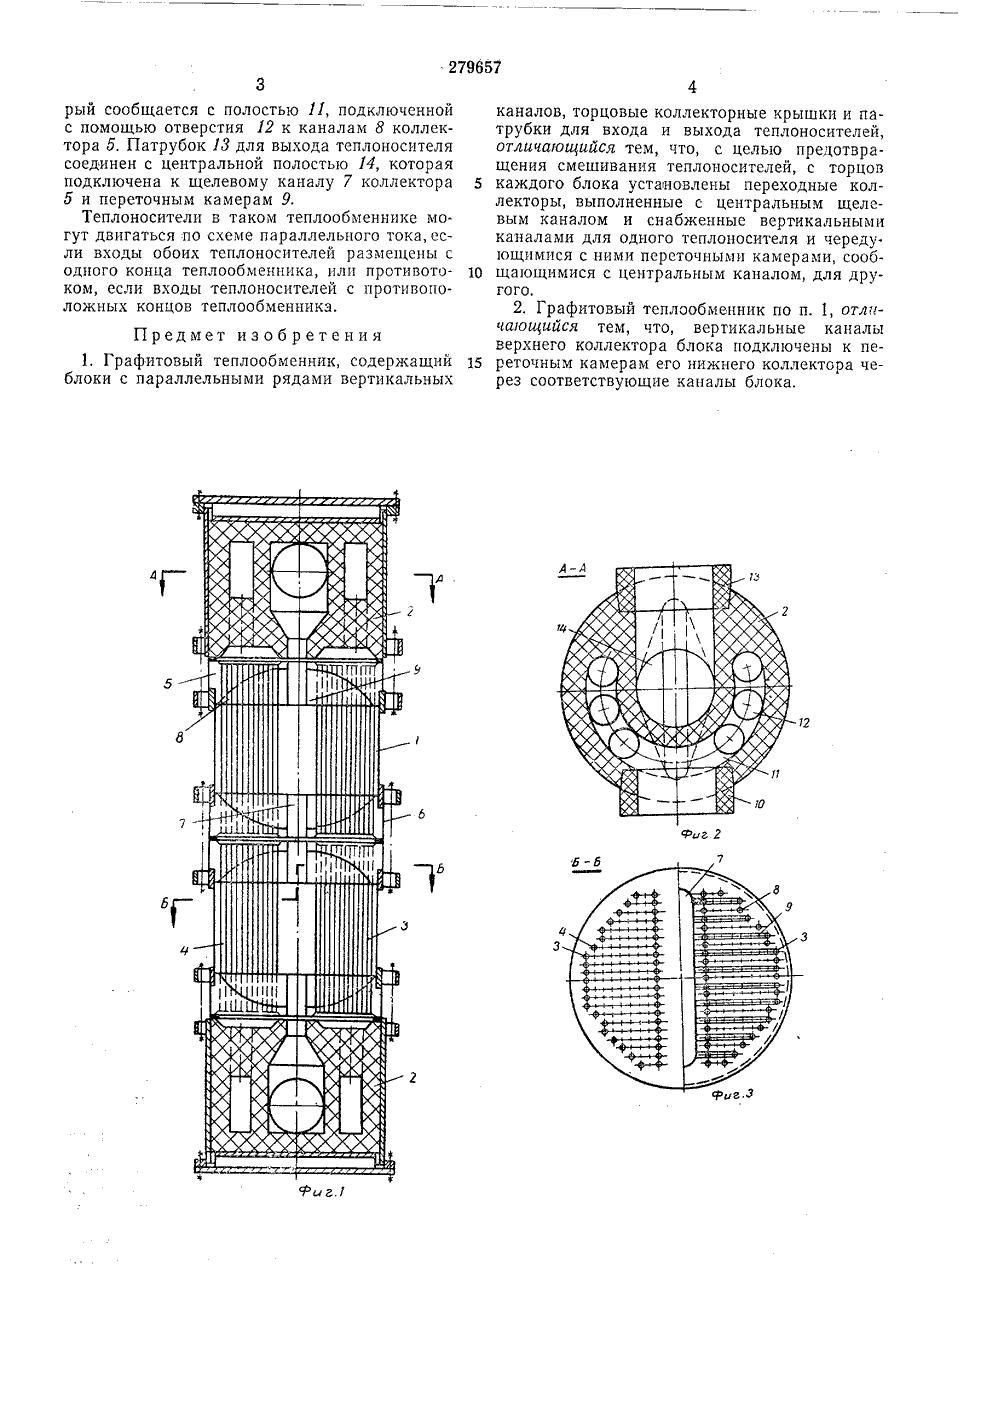 Теплообменник блочные схема теплообменник альфа лаваль м6 mfg